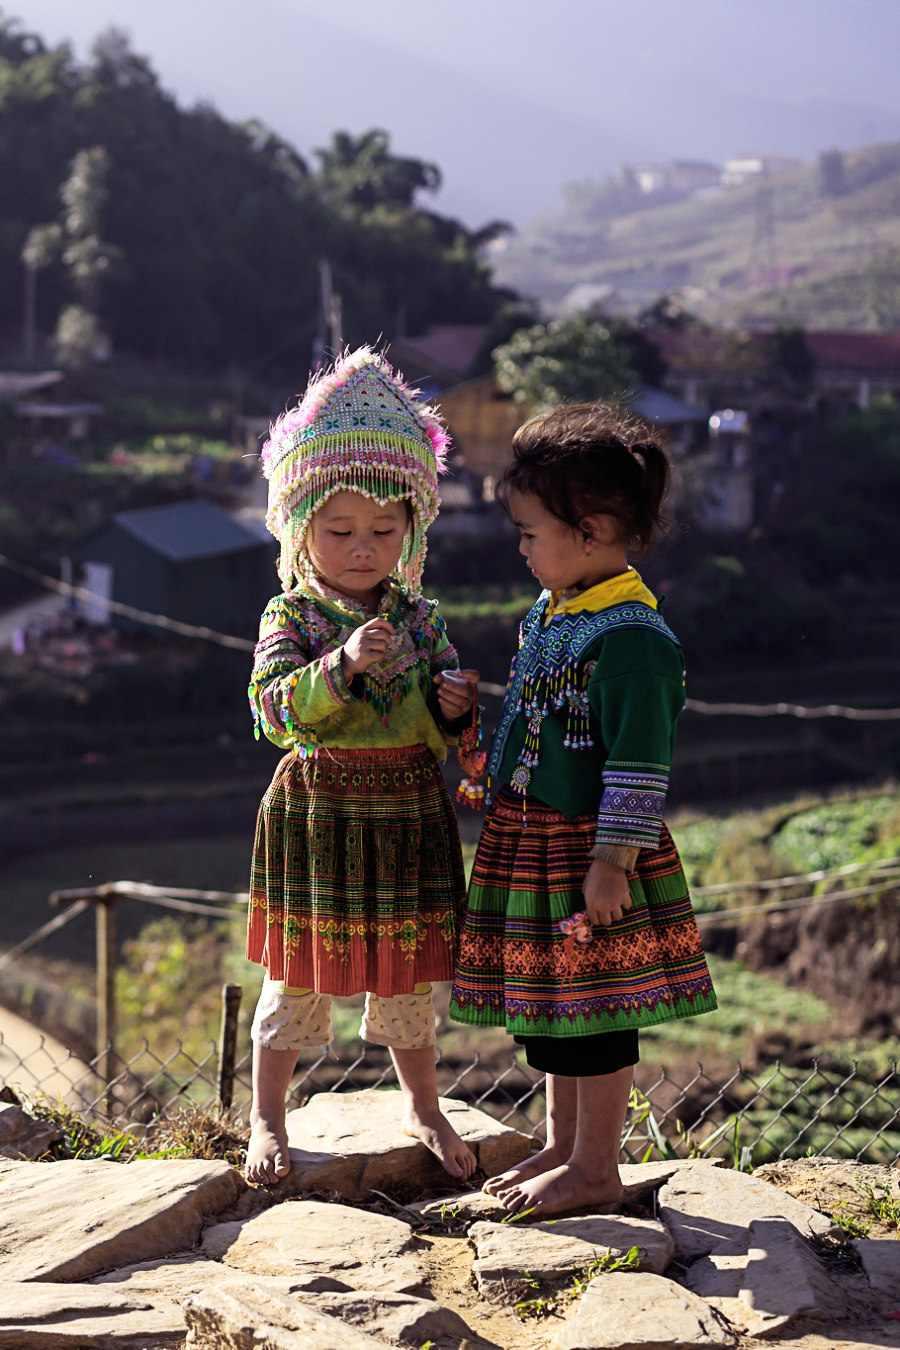 Tra le tappe fondamentali del Vietnam del nord devi includere Sapa con i bambini Hmong nei loro costumi tipici